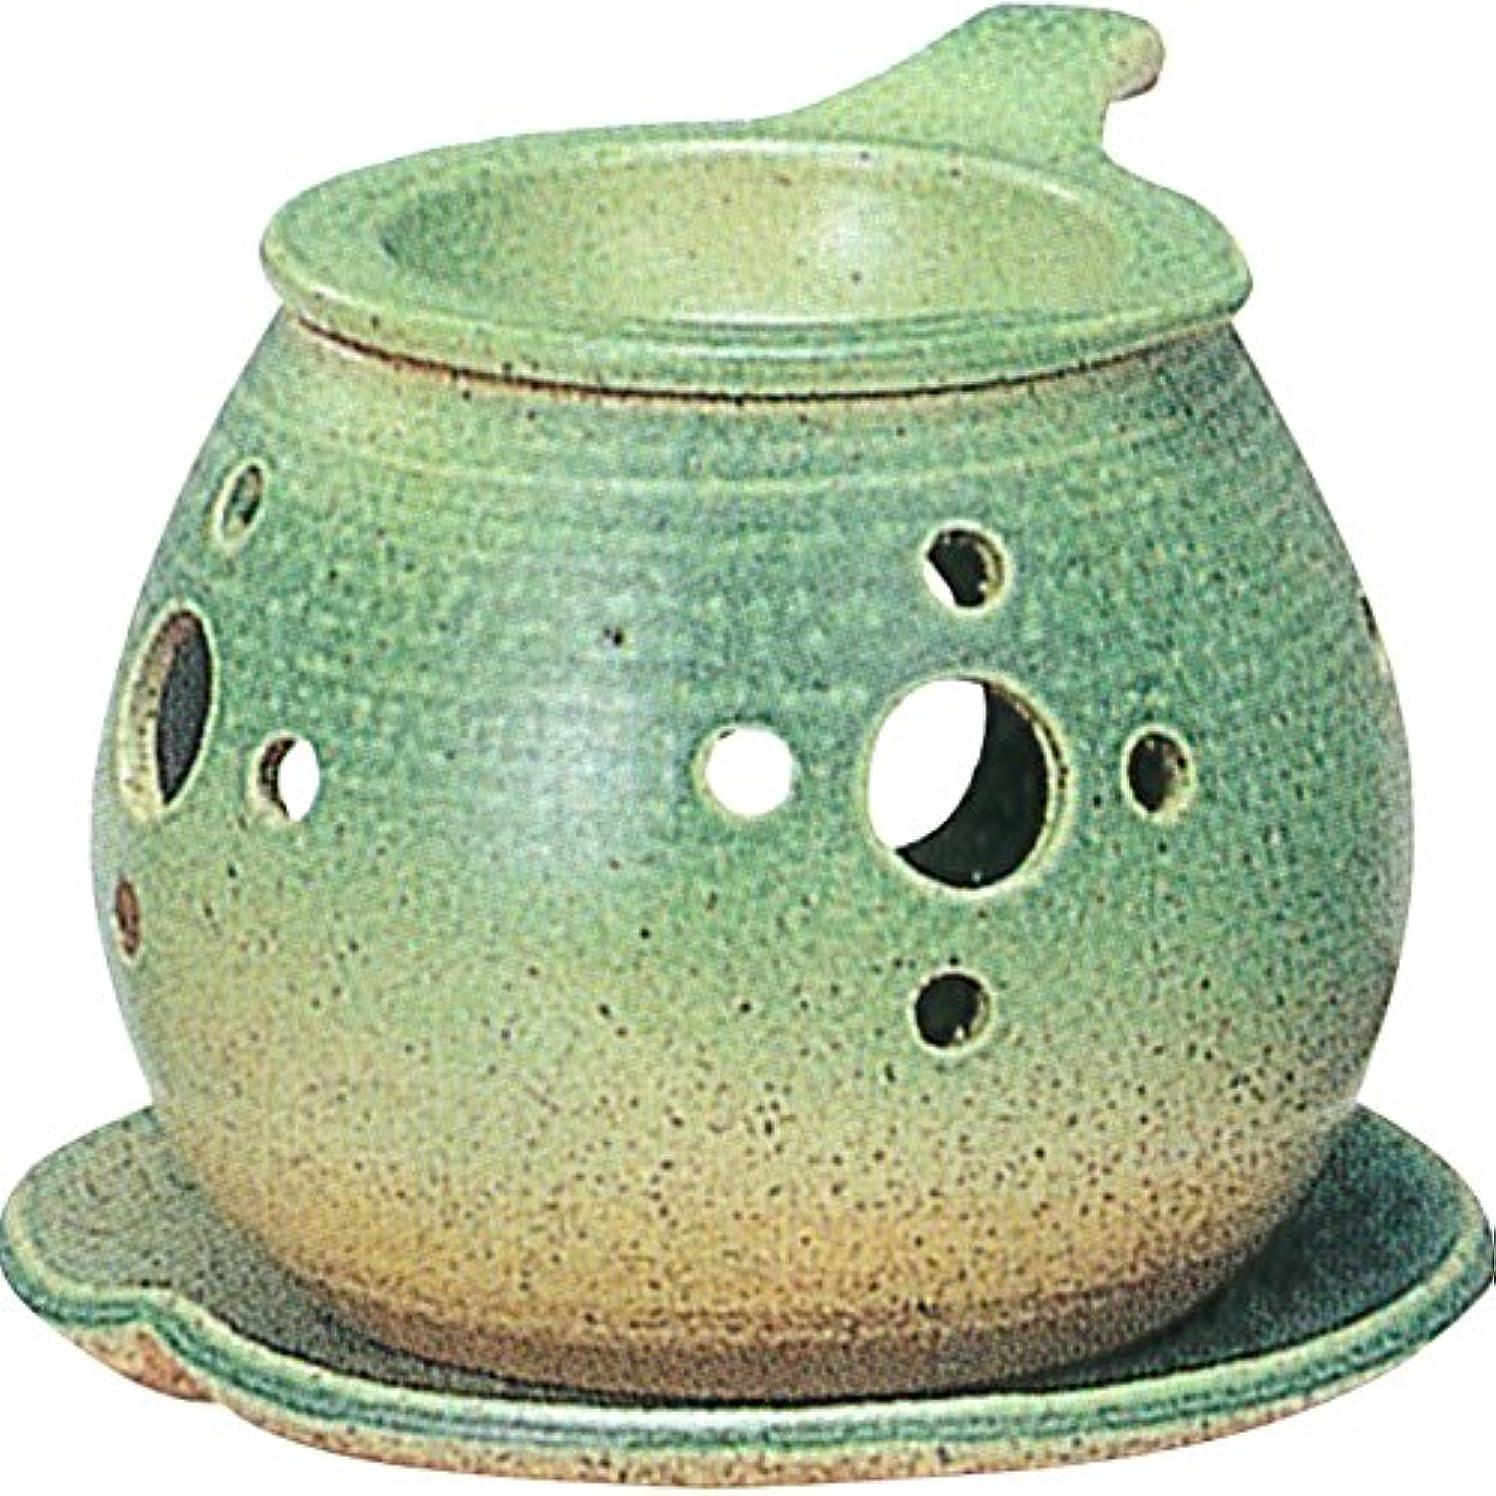 足音通り空茶香炉 : 常滑焼 間宮 茶香炉? ル35-02